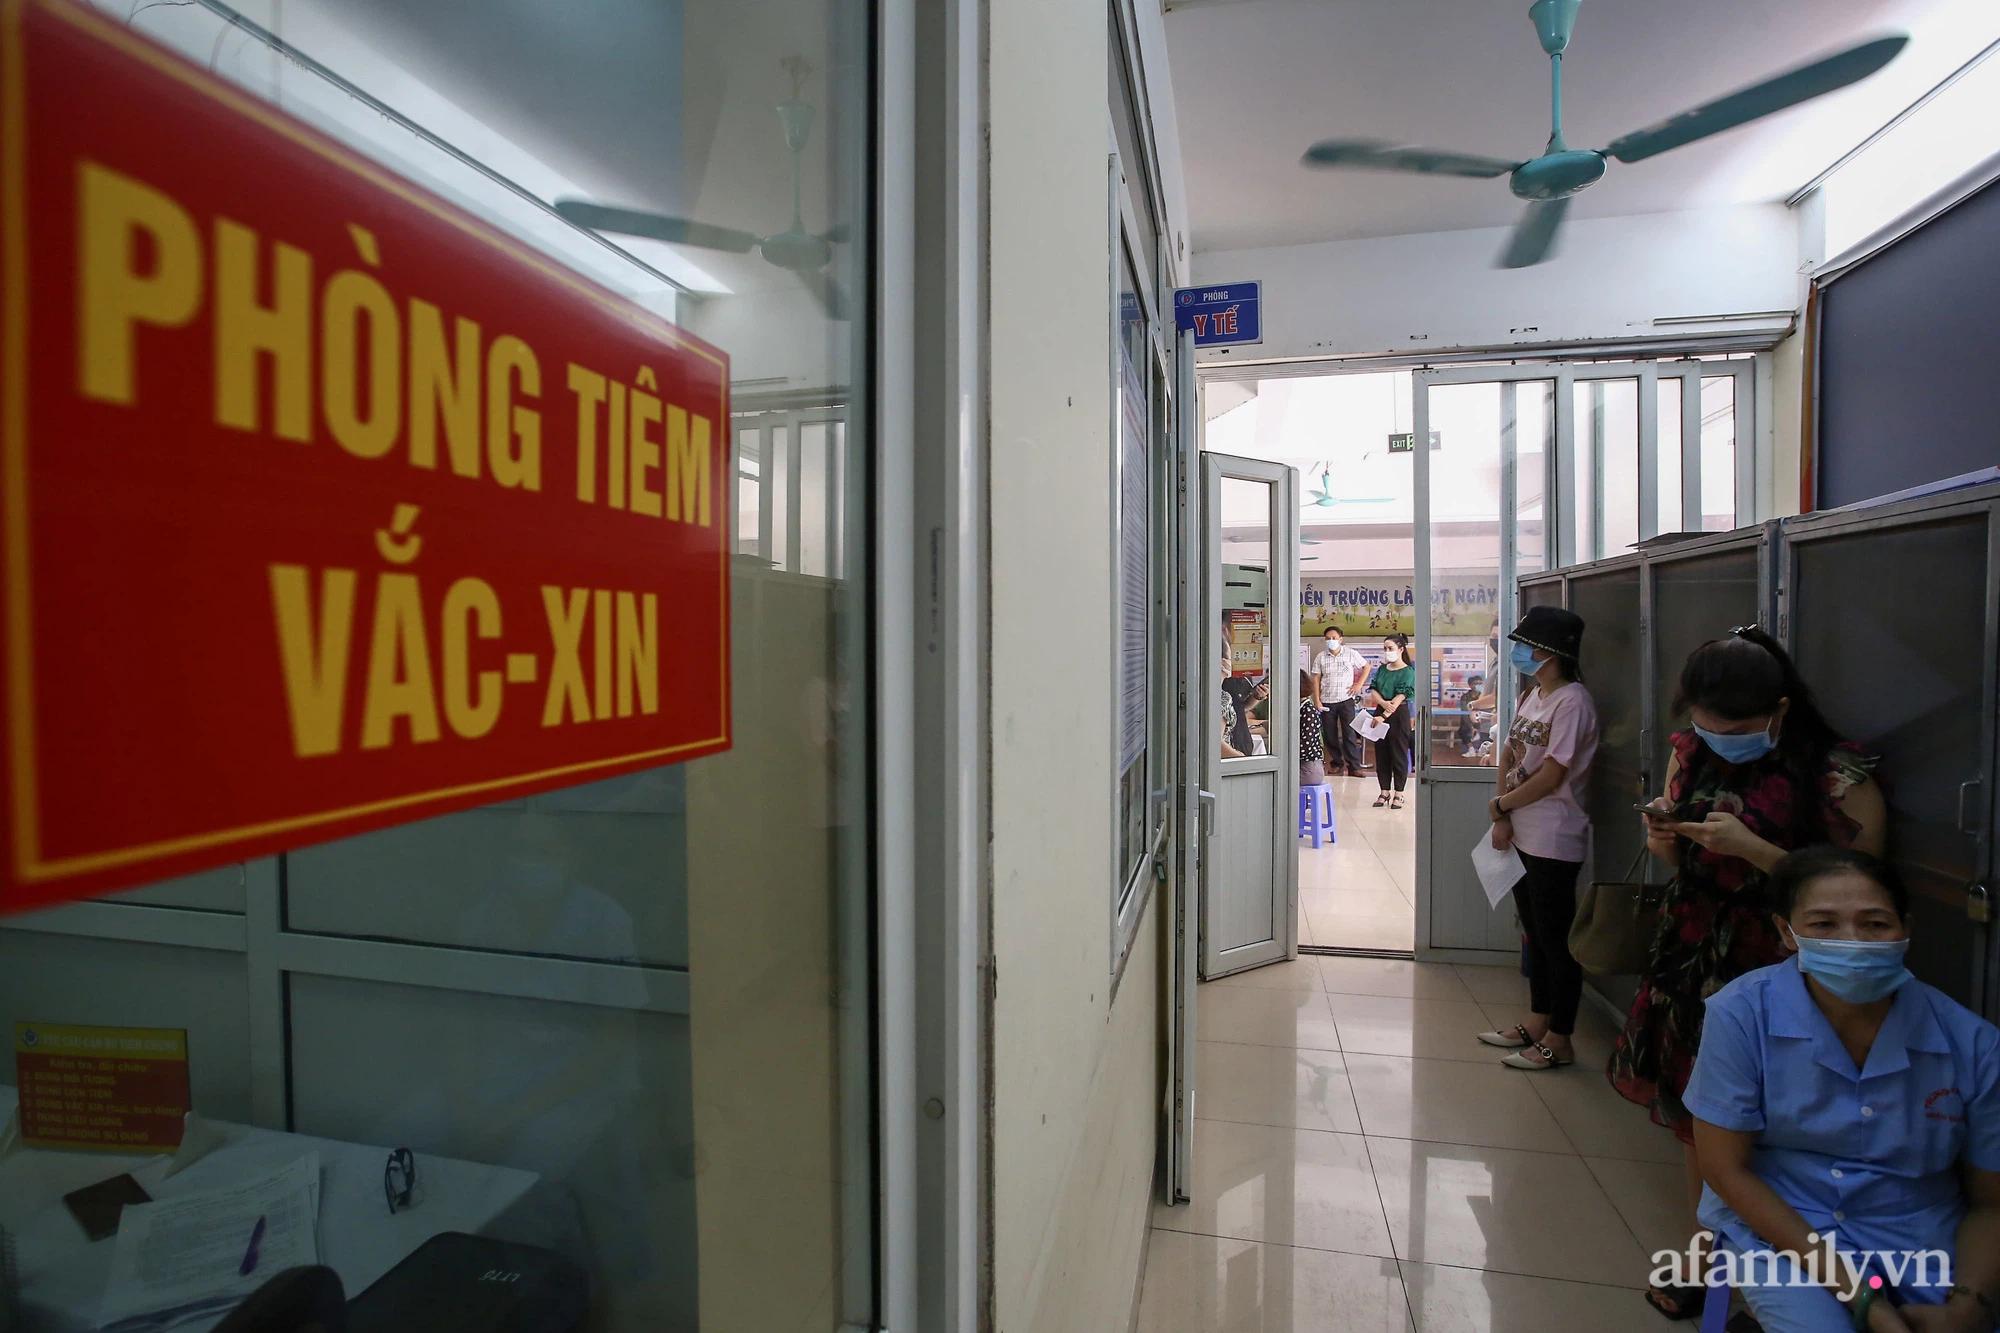 Ngày đầu tiên người dân Hà Nội bắt đầu được tiêm vaccine phòng dịch COVID-19 quy mô lớn nhất lịch sử - Ảnh 9.